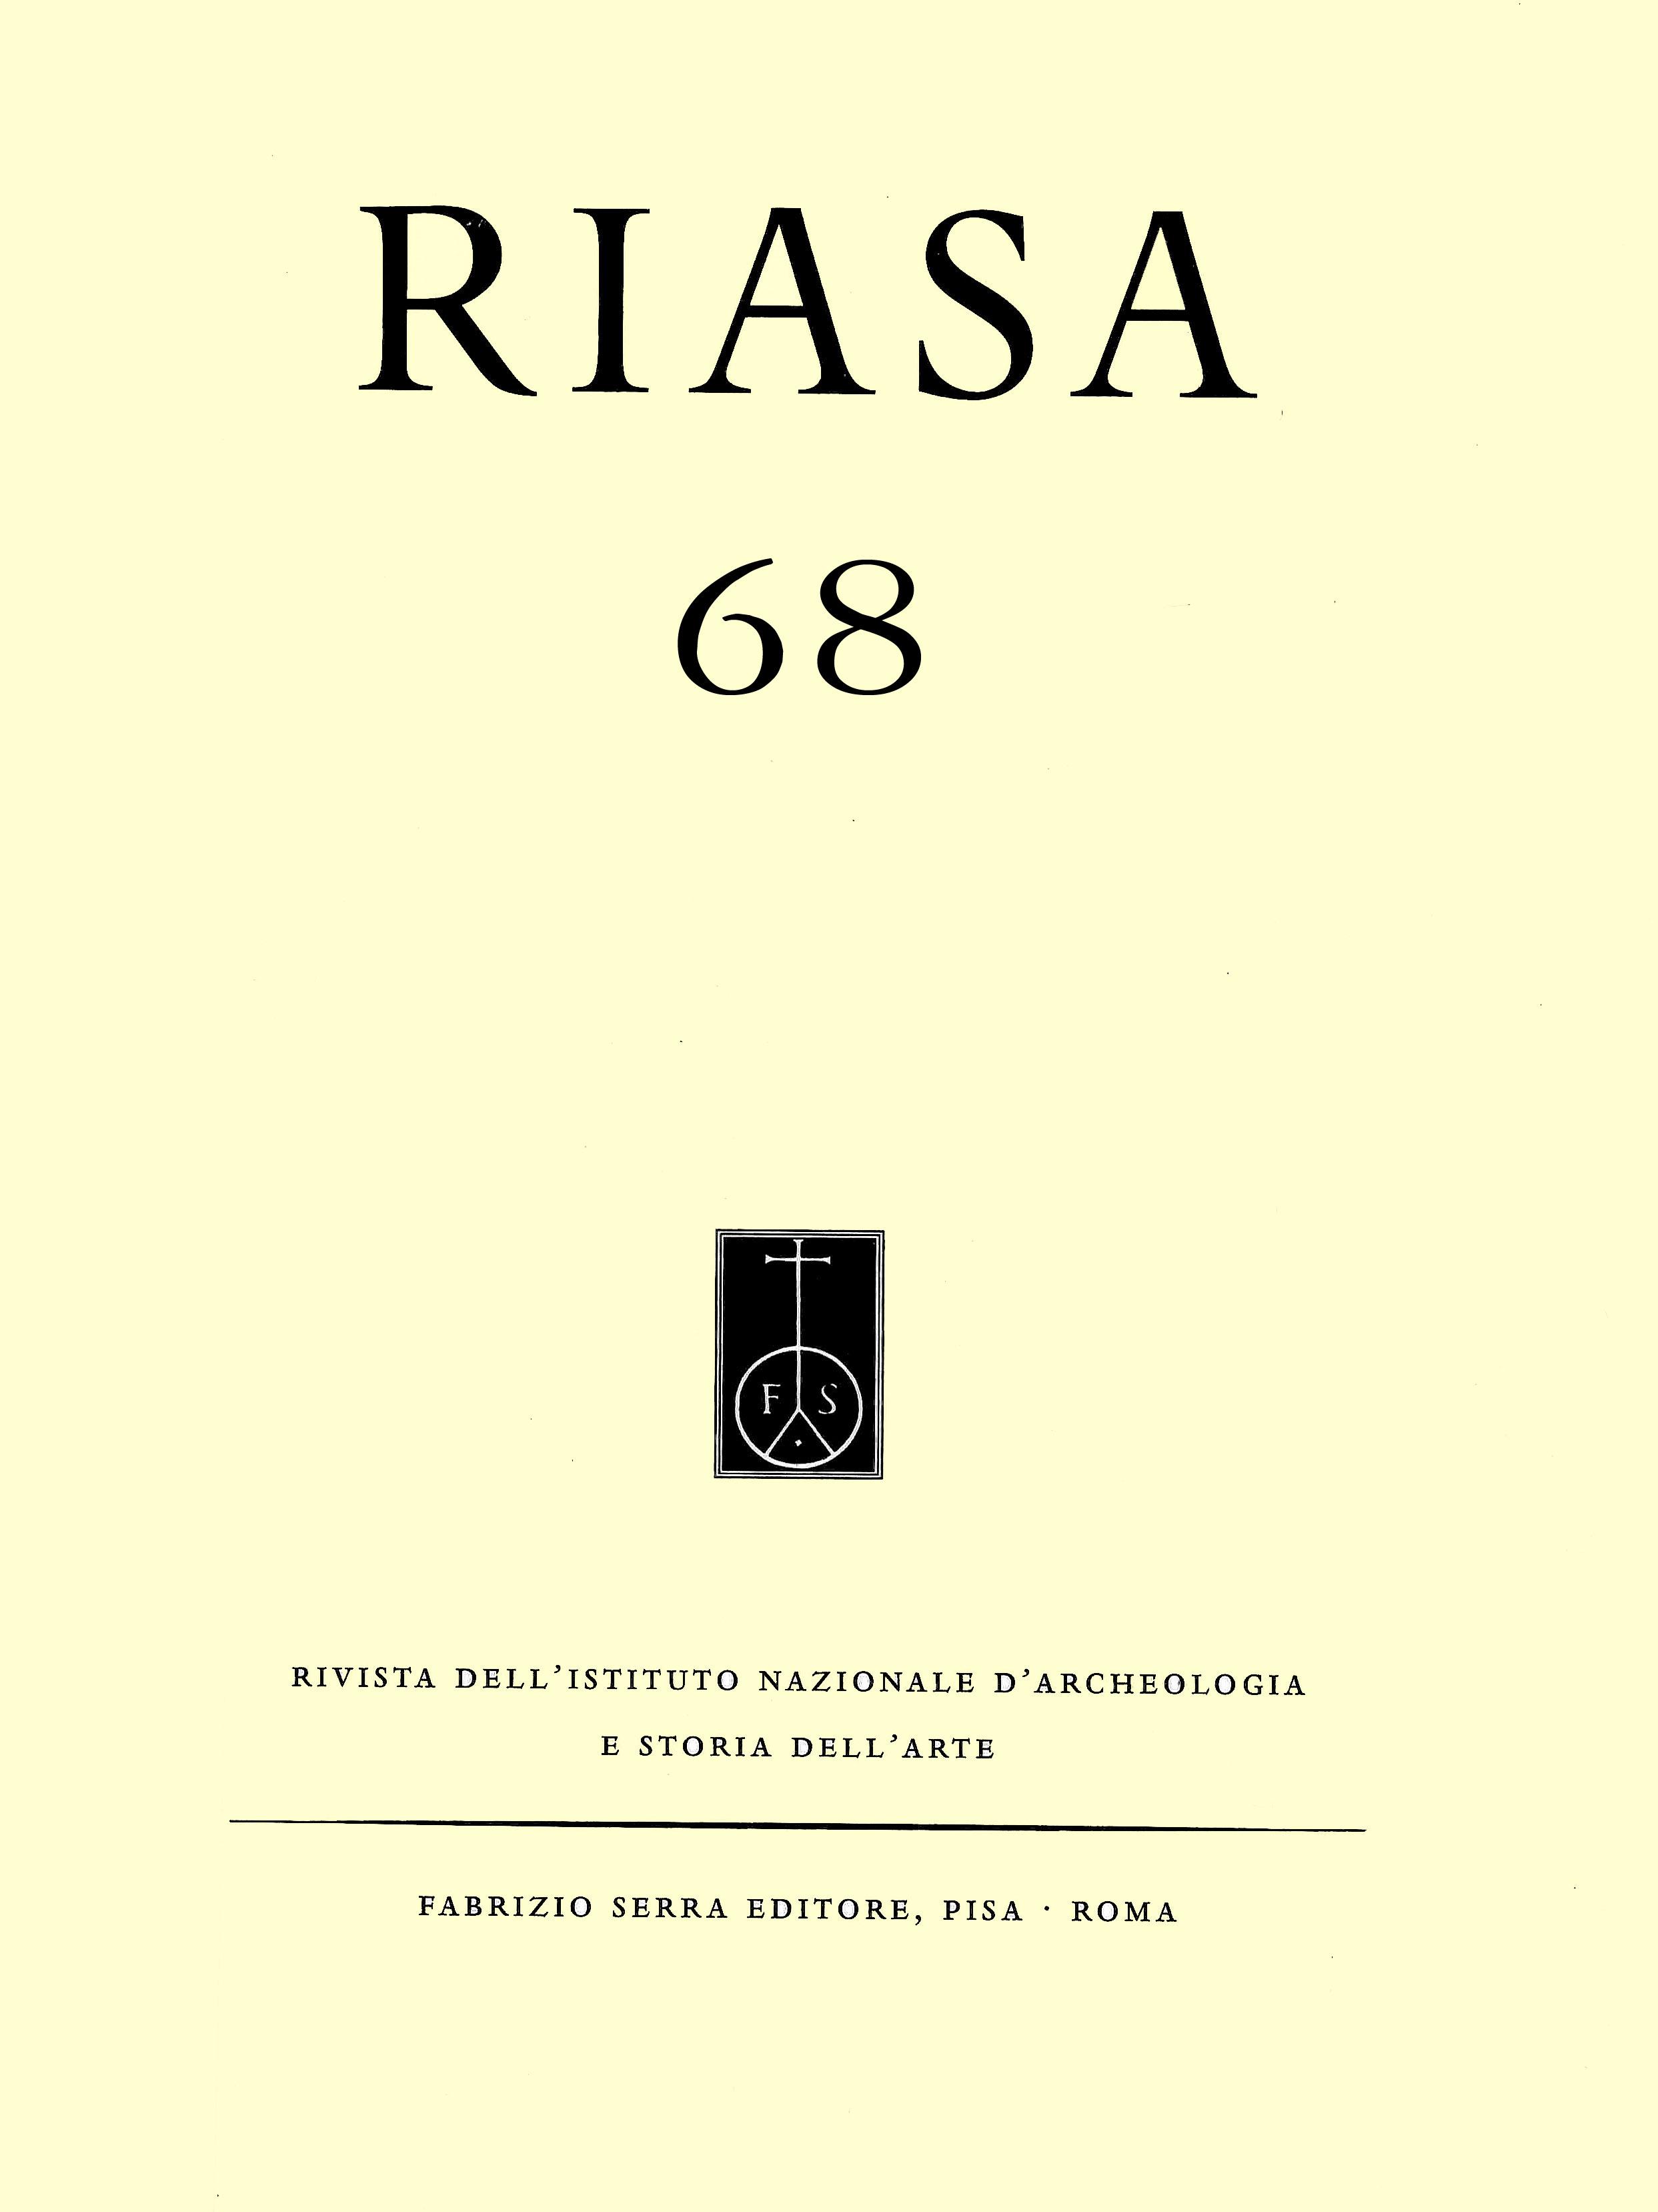 RIASA 68